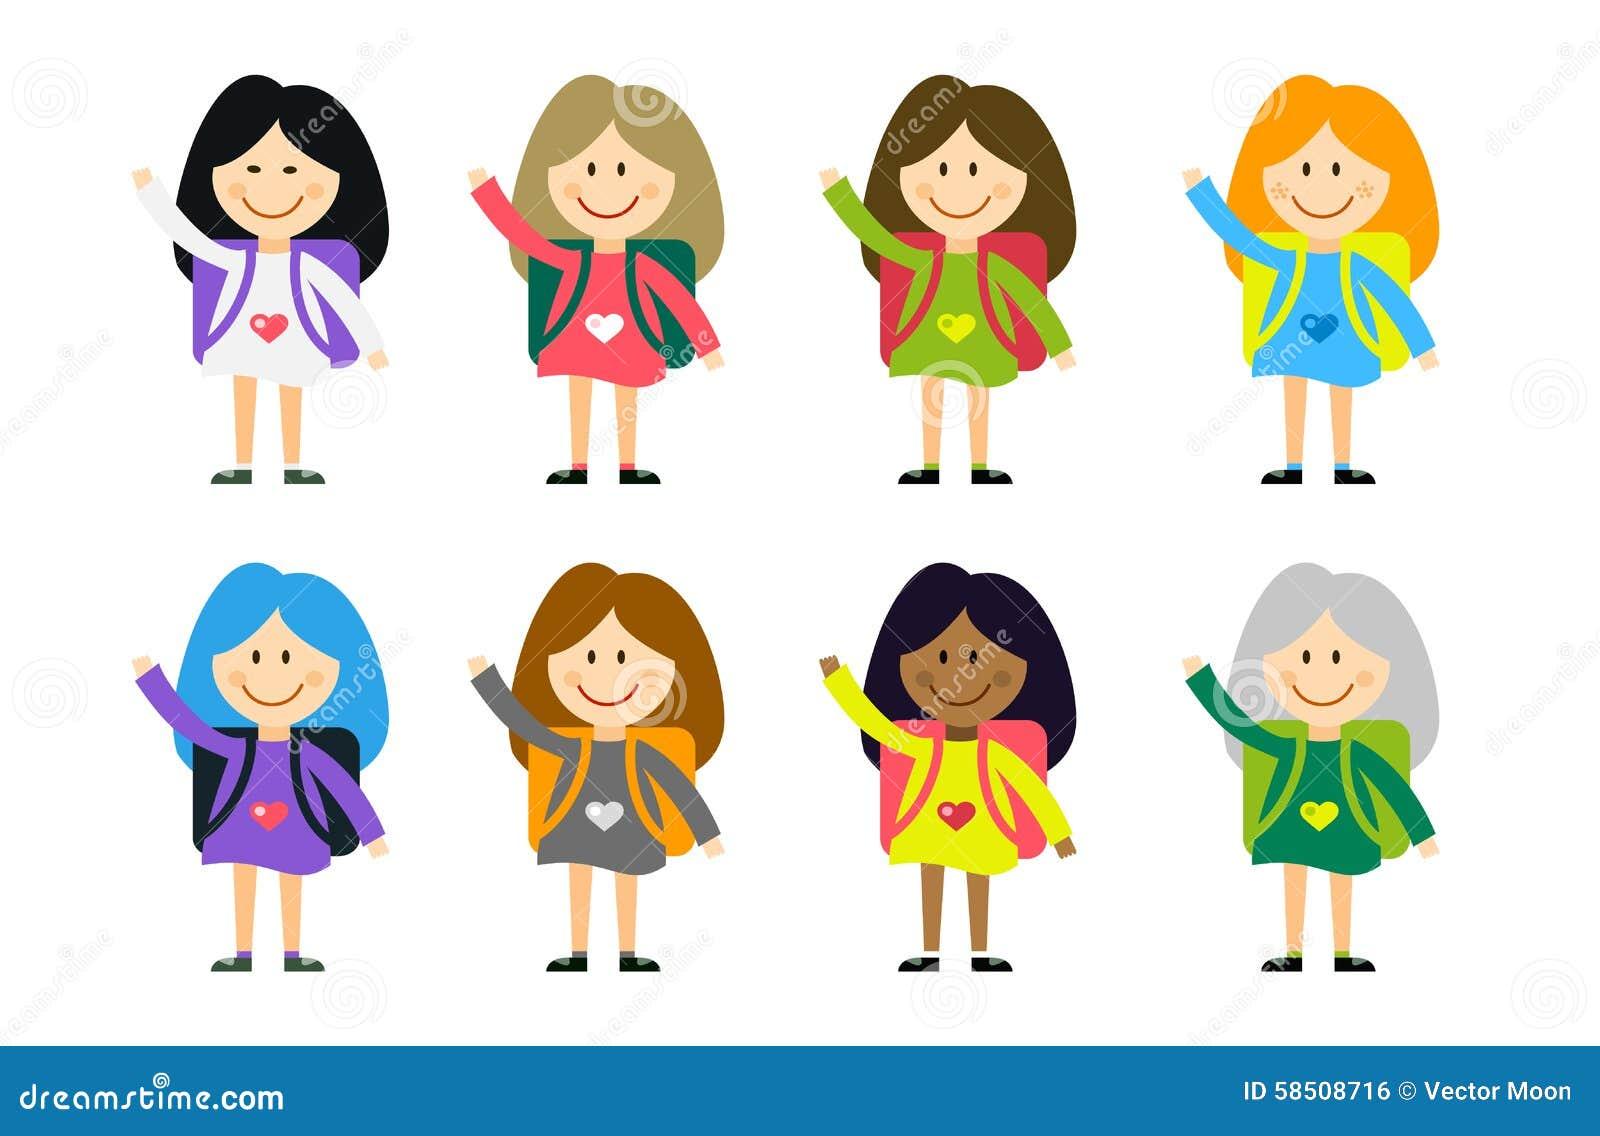 meninas bonitos dos desenhos animados do vetor dos países diferentes